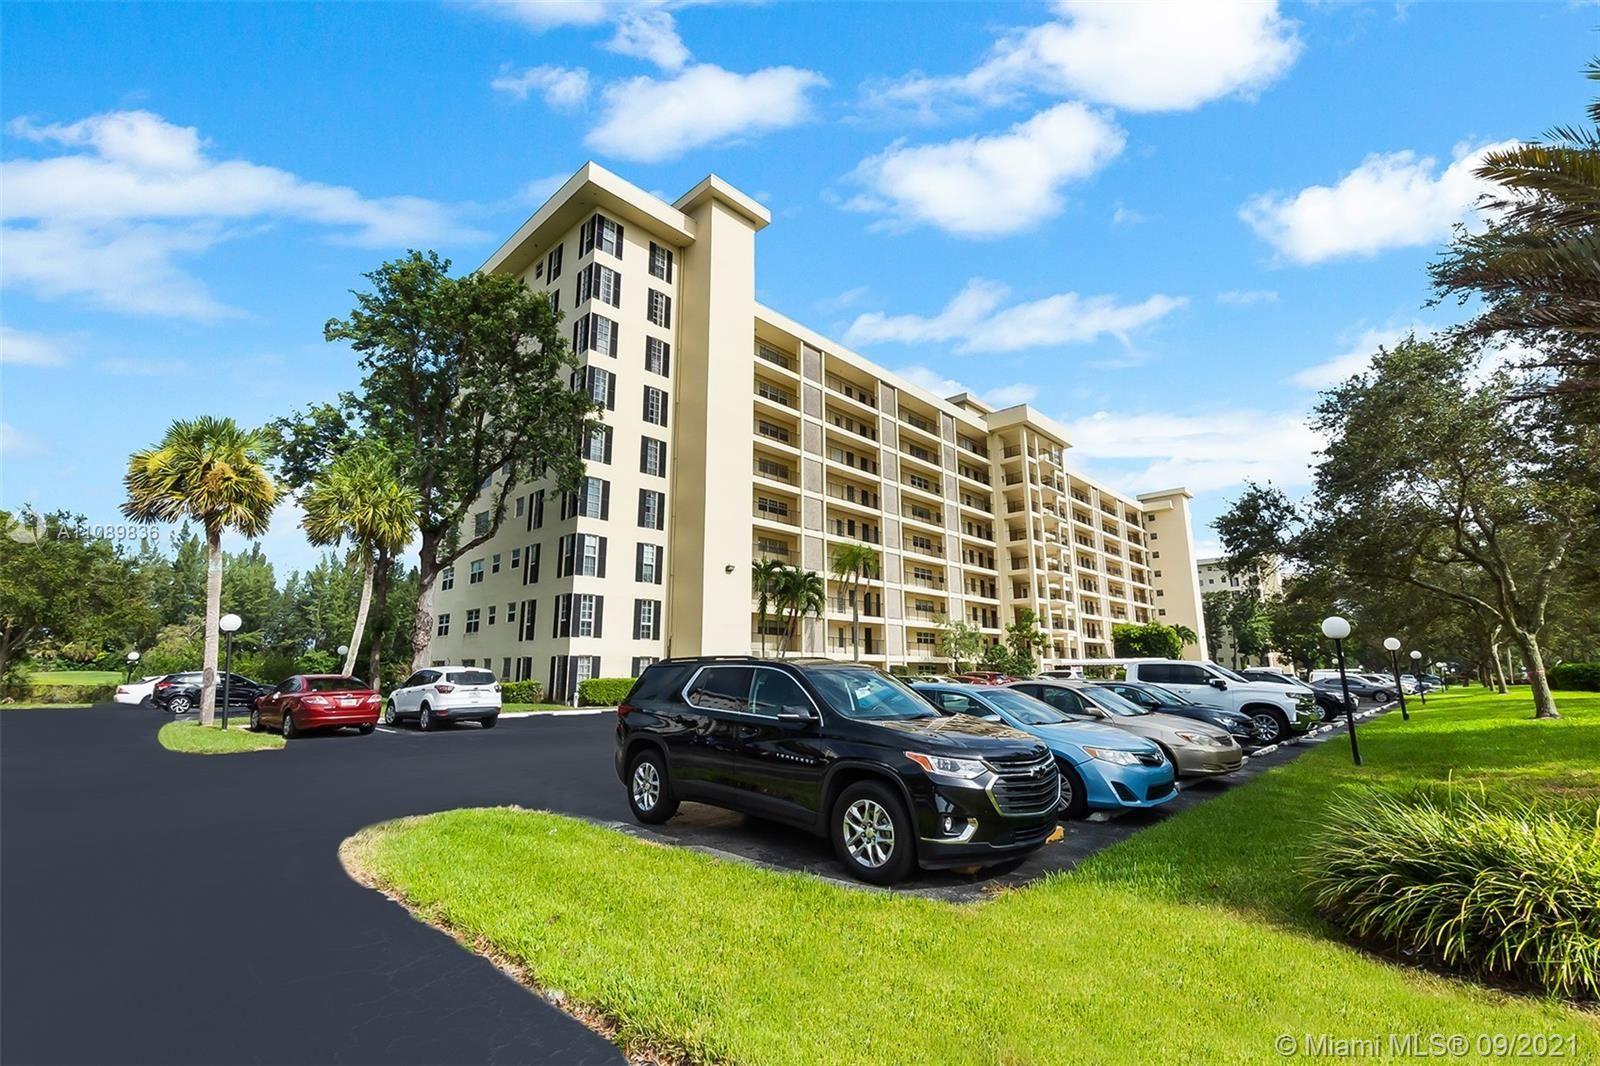 3250 N PALM AIRE DR #503, Pompano Beach, FL 33069 - #: A11089836